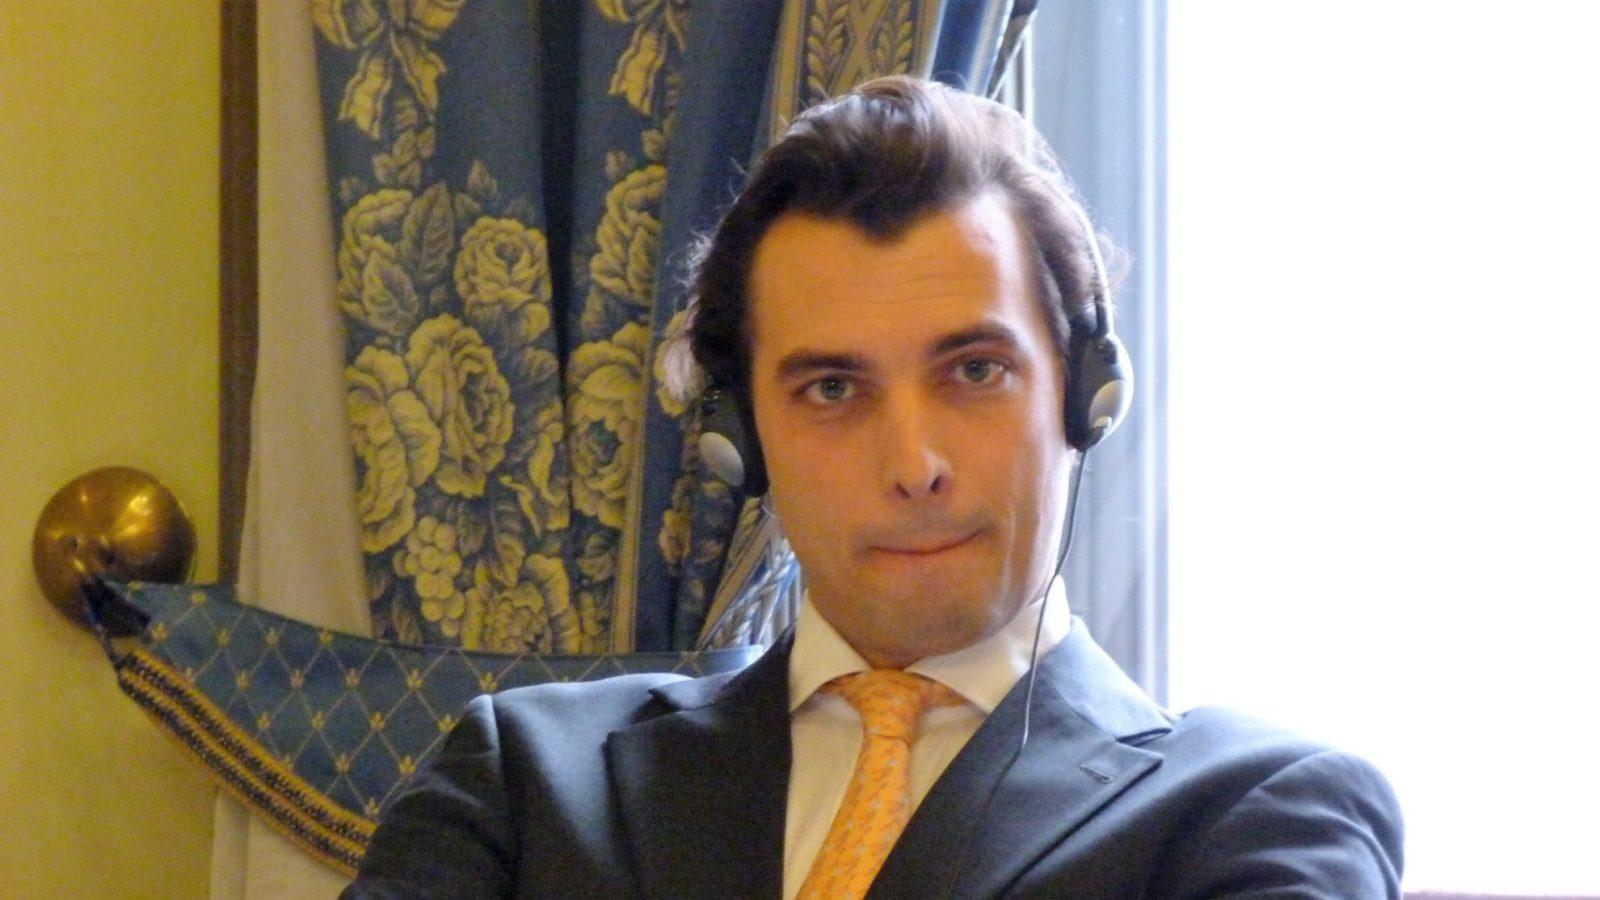 Thierry_Baudet